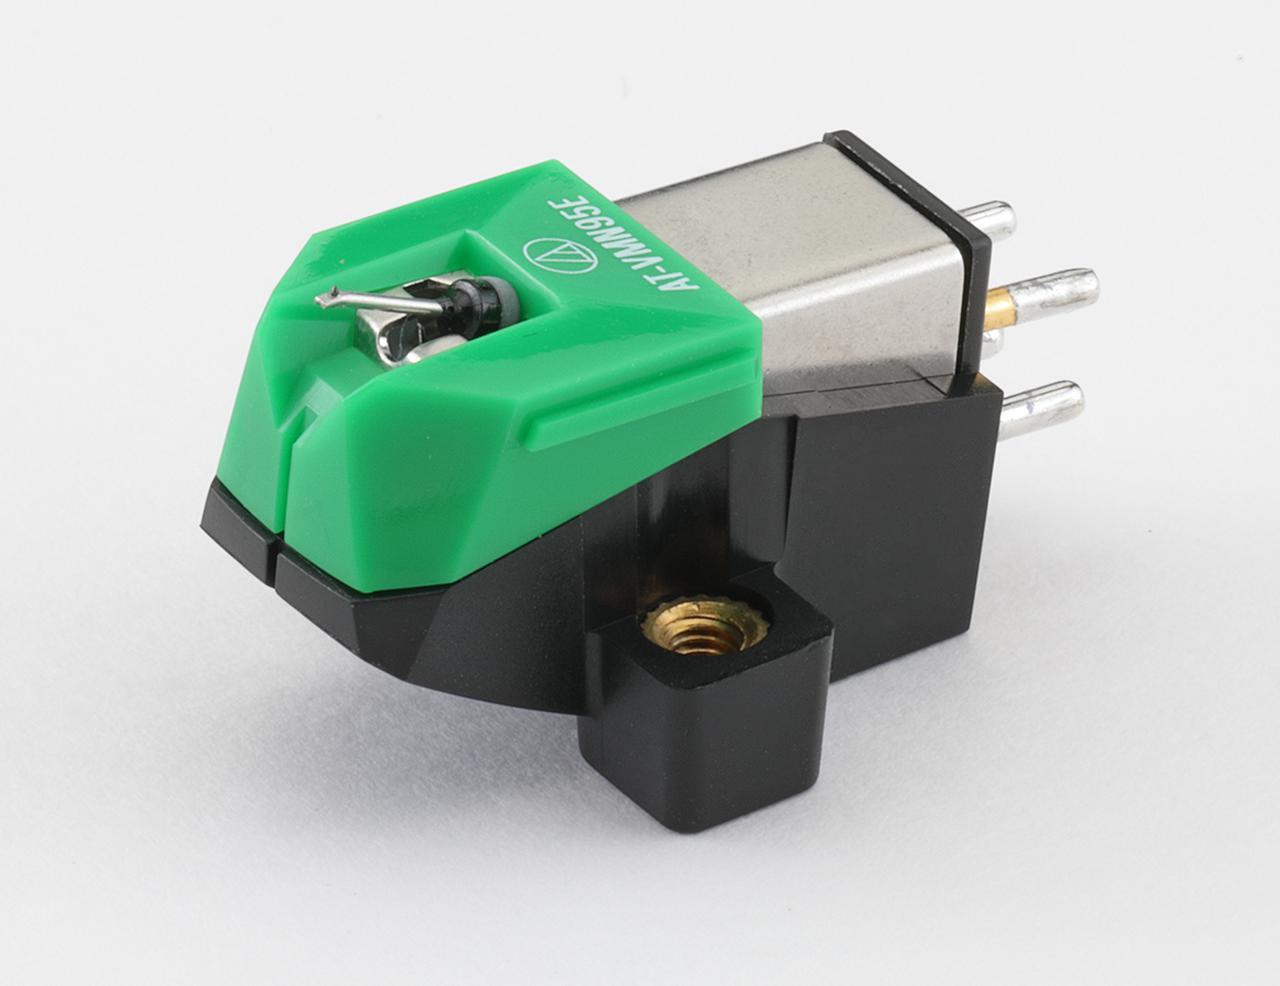 画像: オーディオテクニカ AT-VM95E ¥8,000 ●発電方式:VM型●出力電圧:4.0mV(1kHz、5cm/sec)●推奨負荷抵抗:47kΩ●適正針圧:1.8g〜2.2g(2.0g標準)●推奨負荷容量:100〜200pF●カンチレバー:アルミニウムパイプ●自重:6.1g●交換針:AT-VMN95E(¥5,000)●問合せ先:(株)オーディオテクニカ